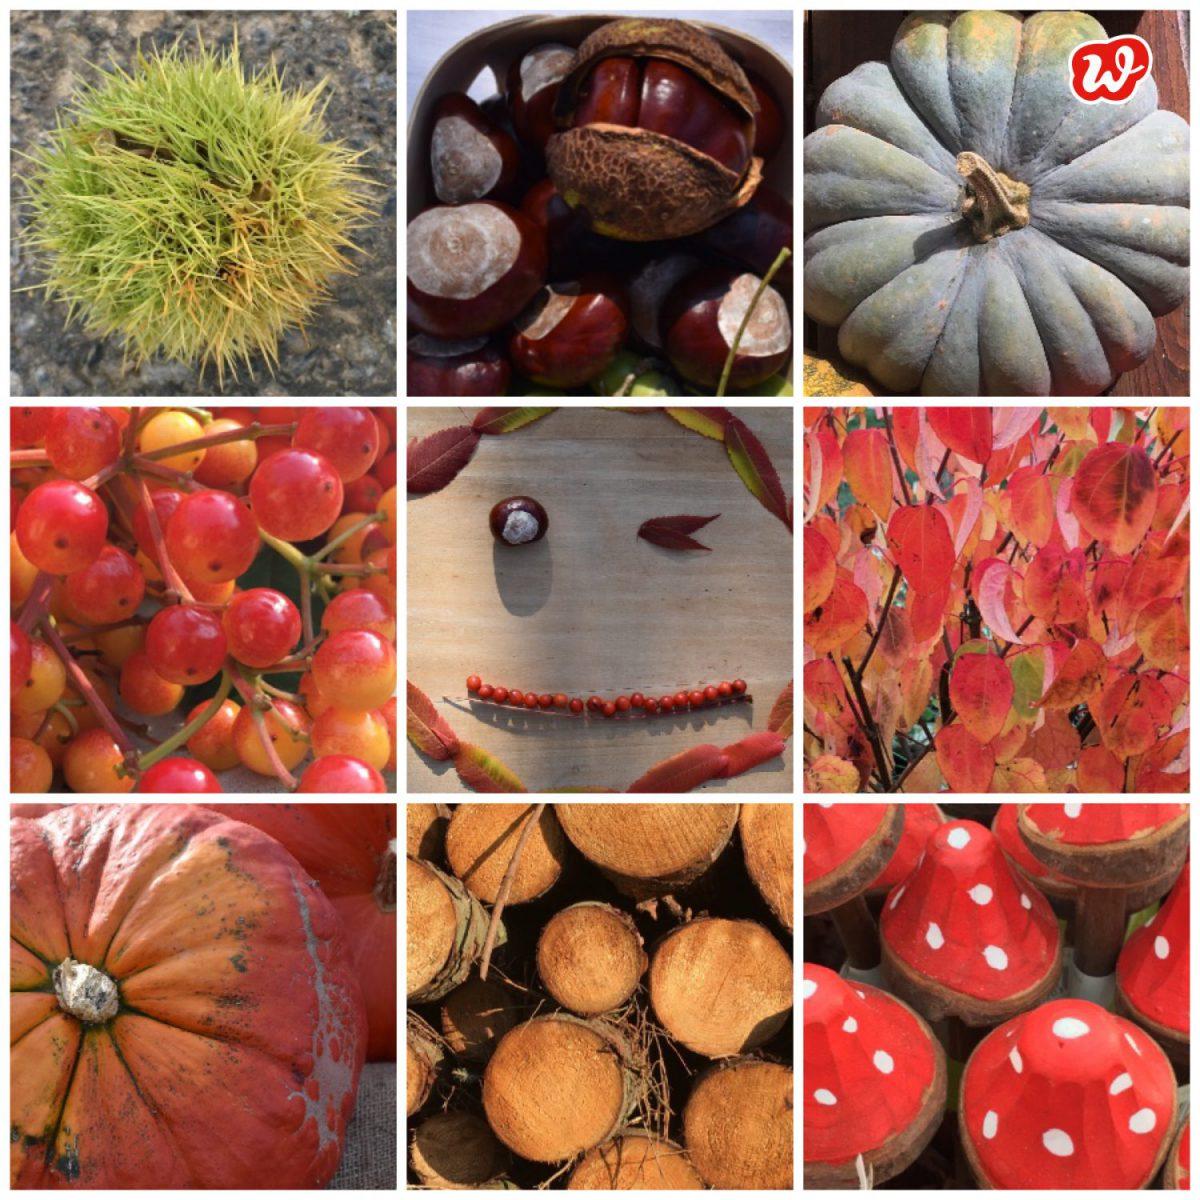 Herbstcollage, Herbst, Herbststimmung, Herbstfarben, Natur, Blätter, Früchte, Pilze